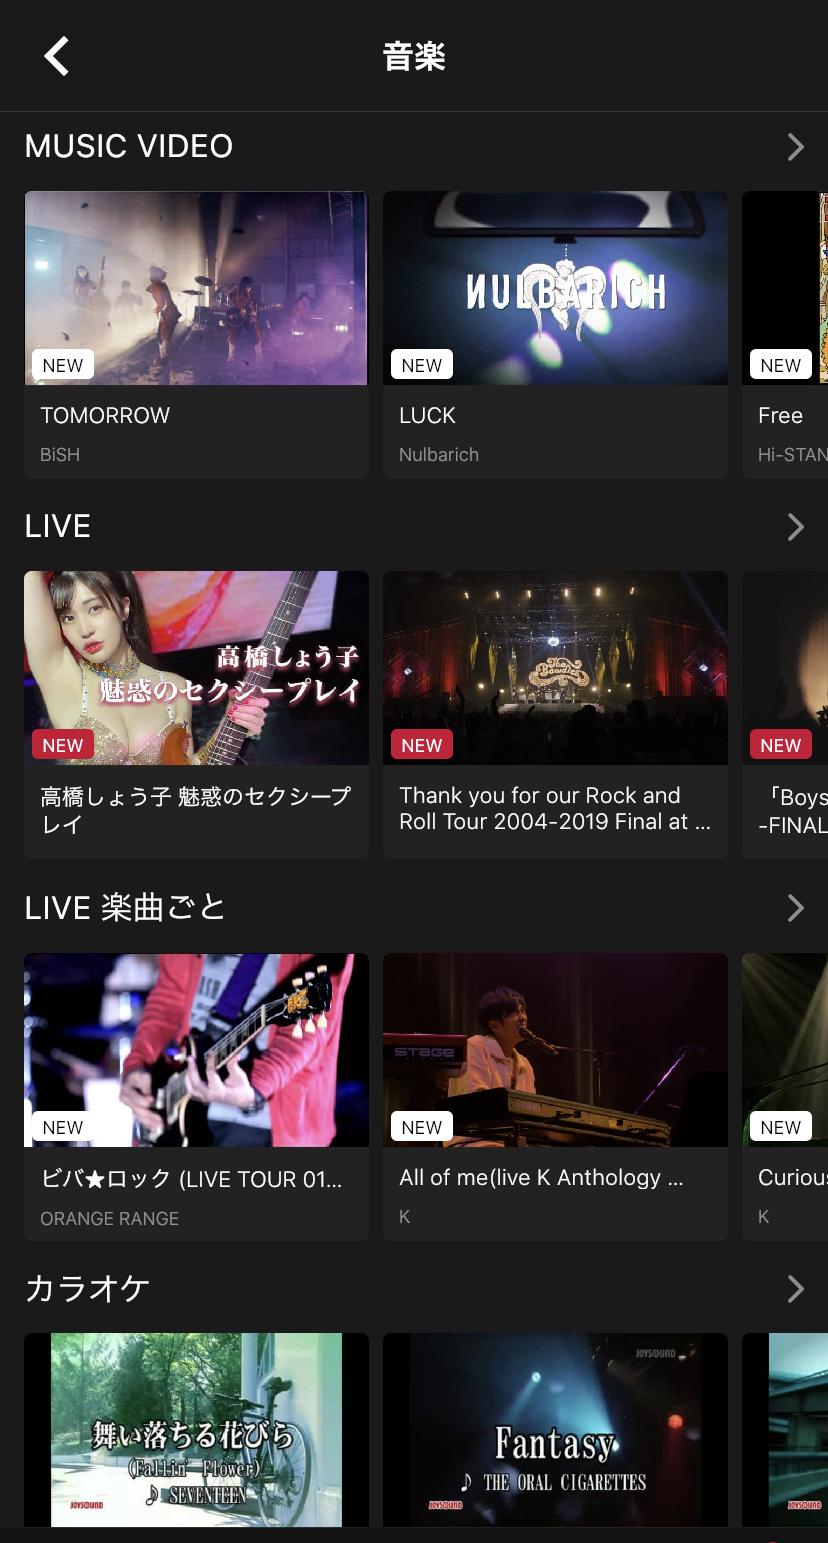 音楽好きに嬉しい!ライブ映像やミュージックビデオが豊富